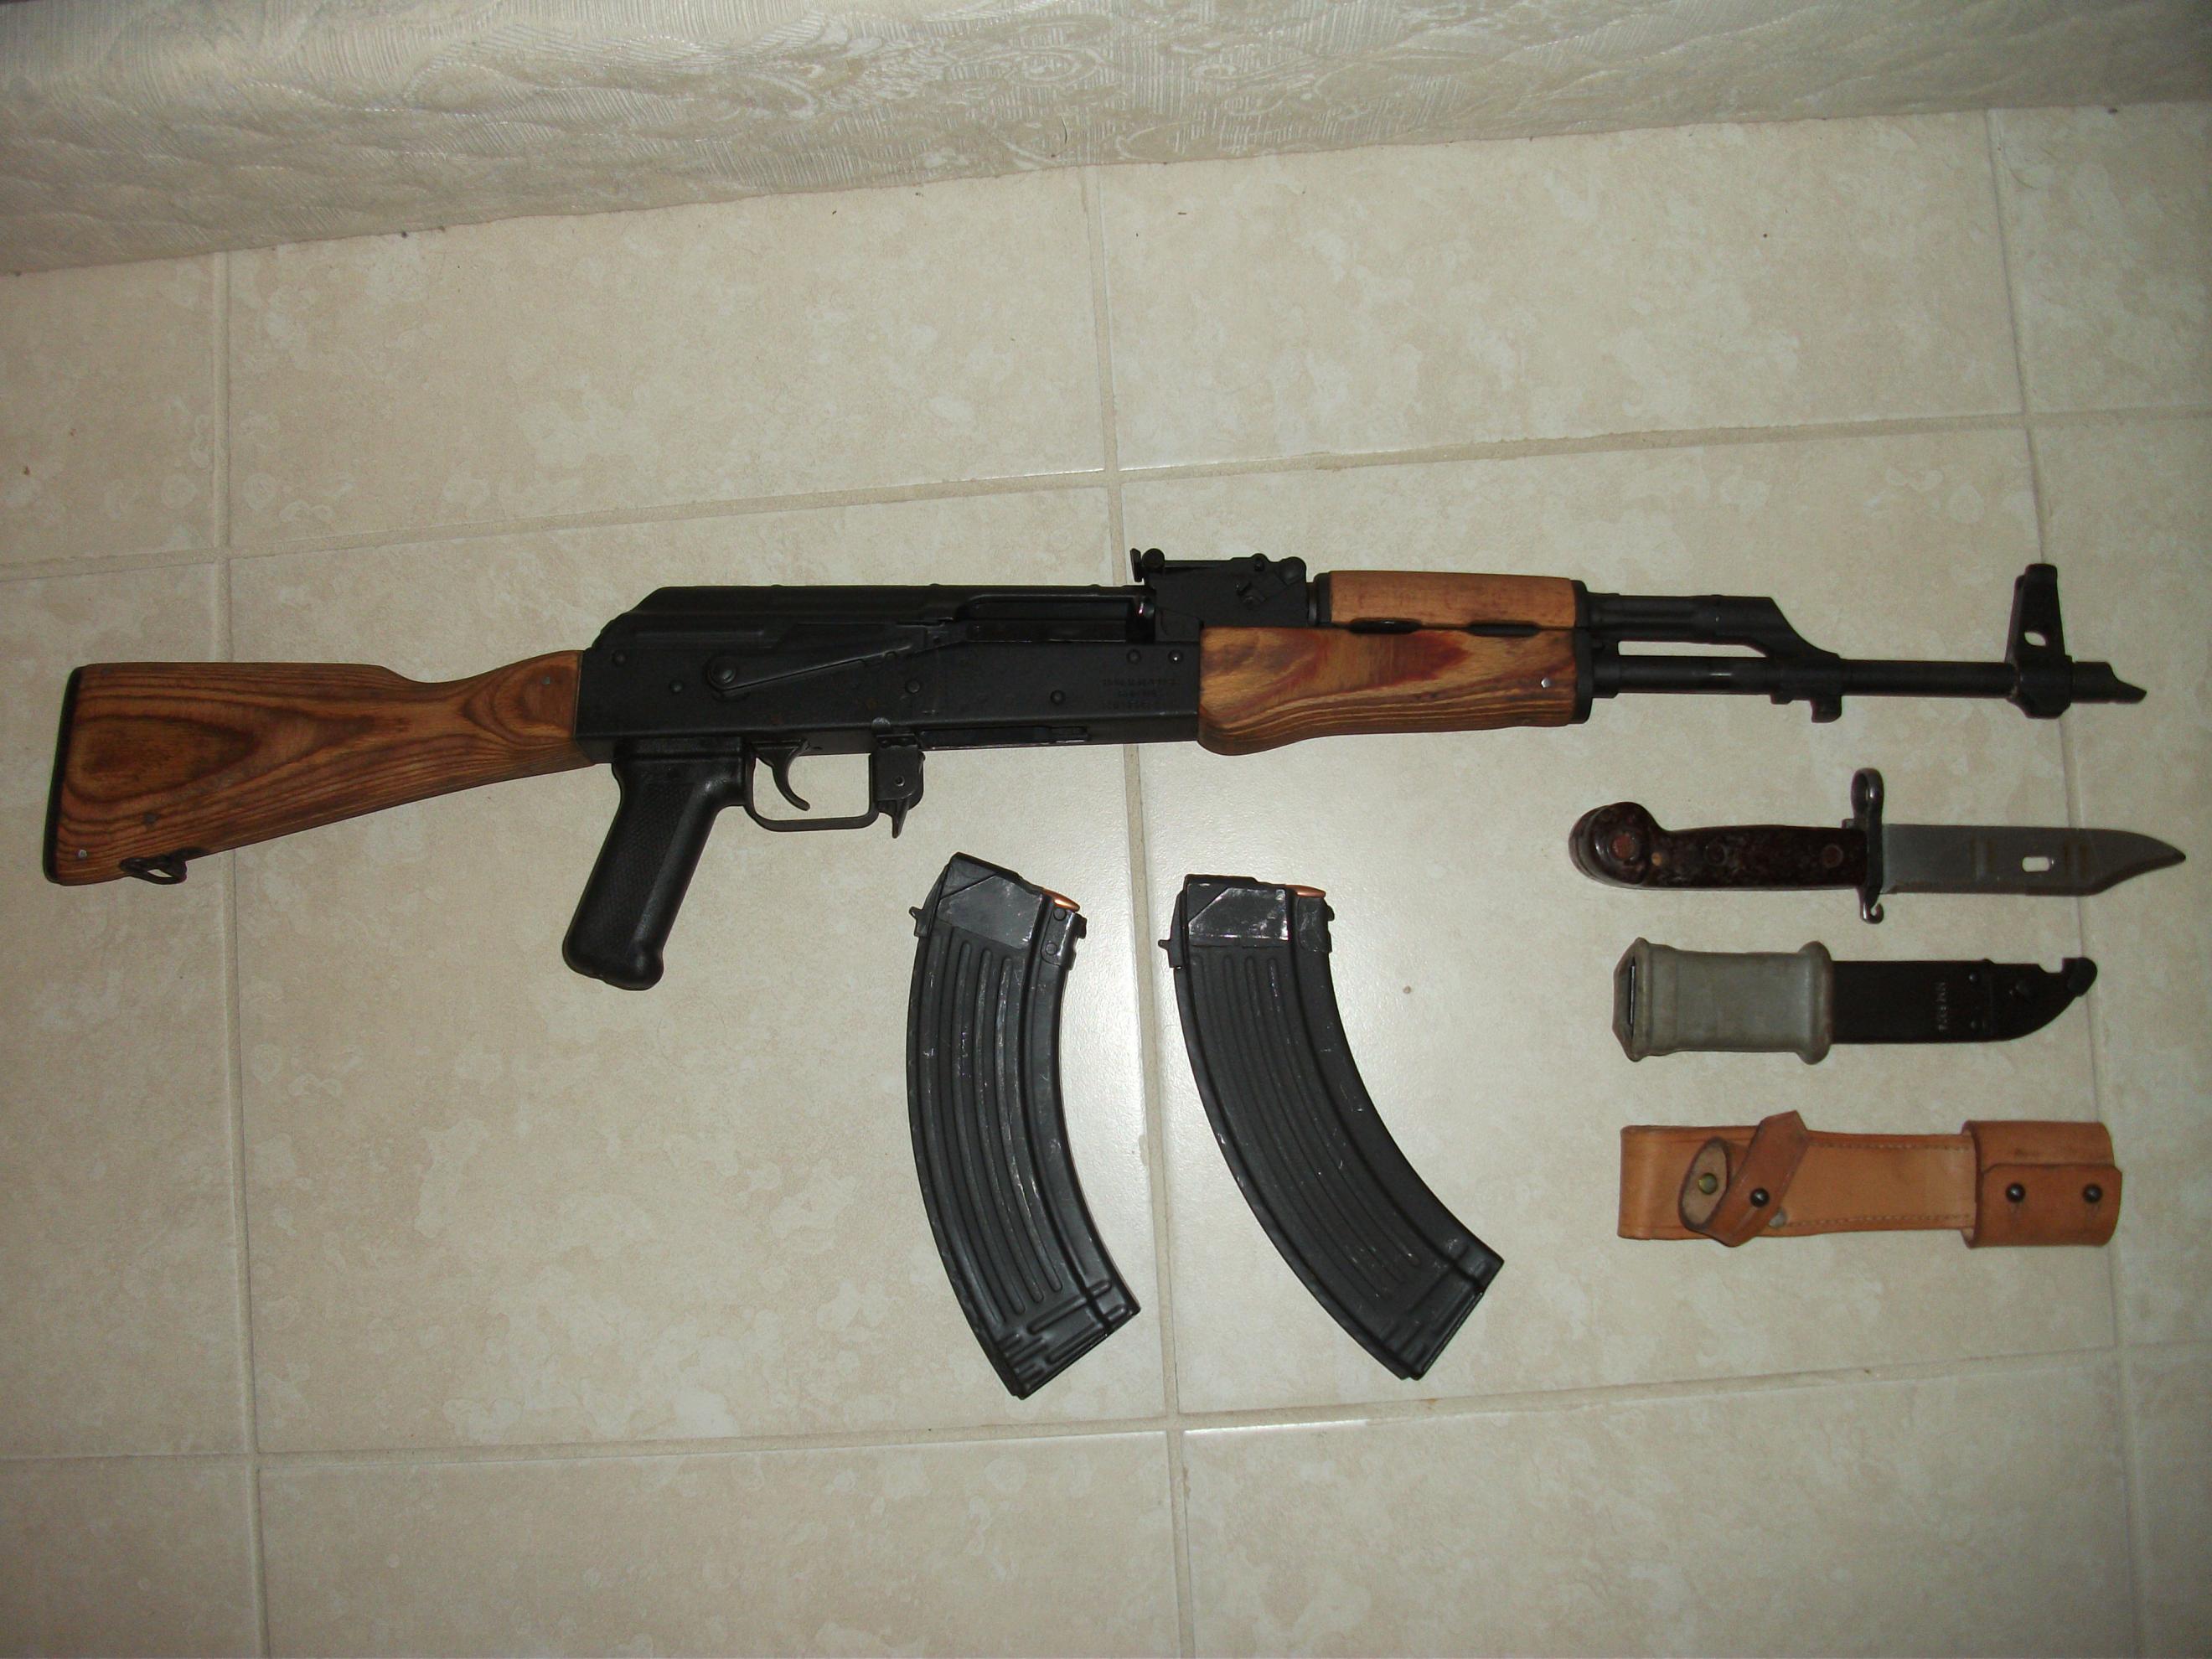 Century WASR 10/63 AK-47-dscf1329.jpg